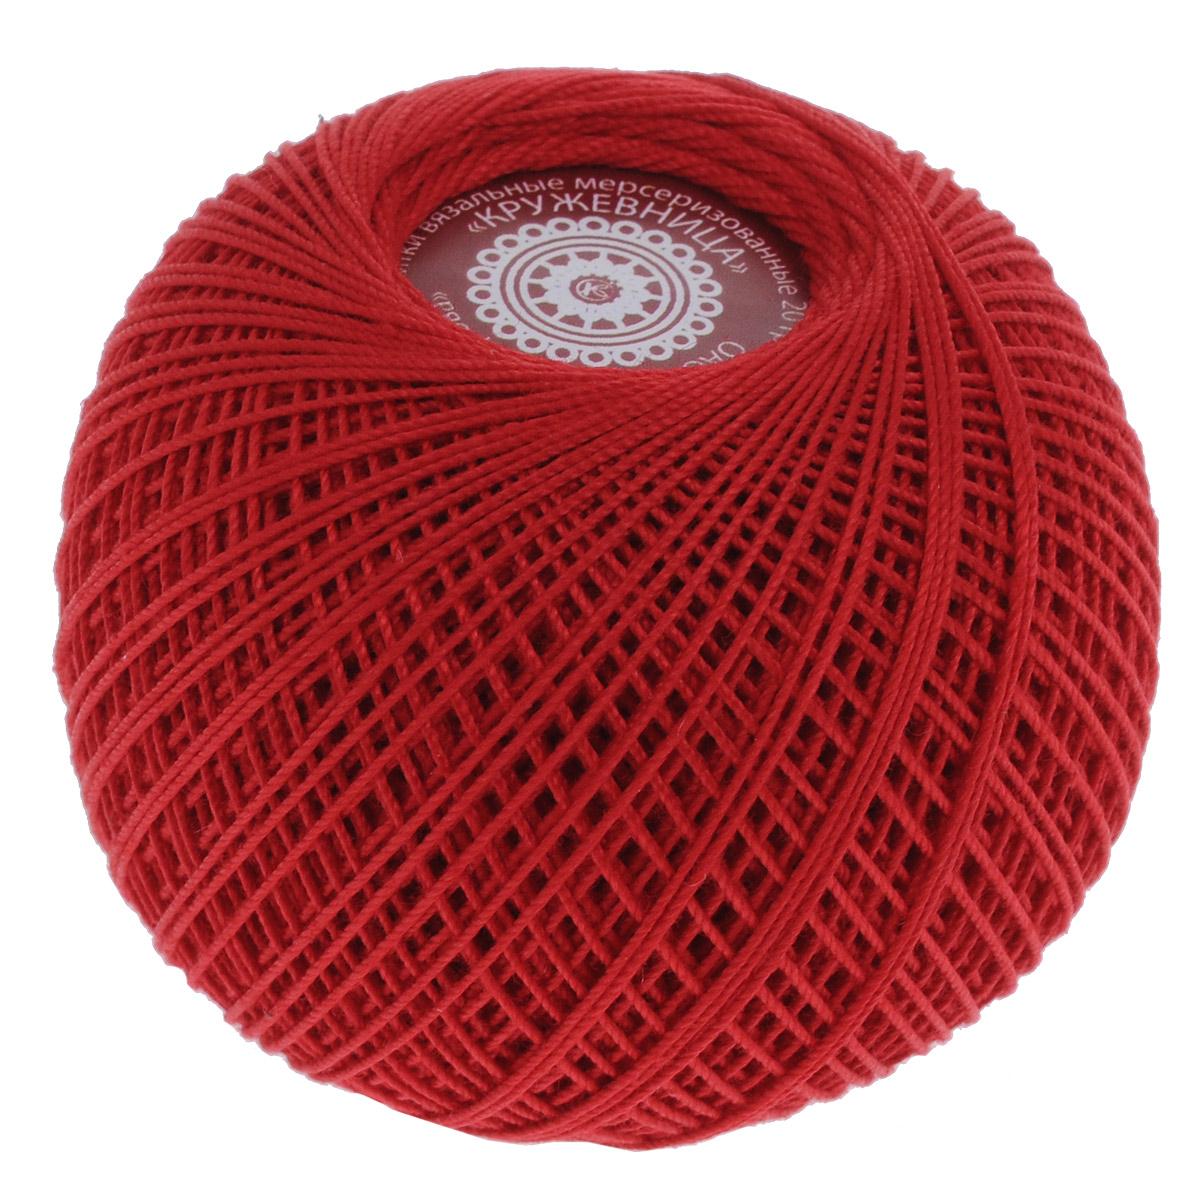 Нитки вязальные Кружевница, цвет: красный (0906), 195 м, 20 г, 2 шт0231101920778Мерсеризованные нитки Кружевница изготовлены из 100% хлопка и предназначены для создания воздушных легких кружев и тончайших элементов одежды. Подходят для вязания крючком, спицами. В наборе - 2 клубка. С их помощью вы сможете связать своими руками необычные и красивые вещи. Состав: 100% хлопок. Количество сложений: 3. Линейная плотность: 102 текс. Вес: 20 г. Длина нити: 195 м.